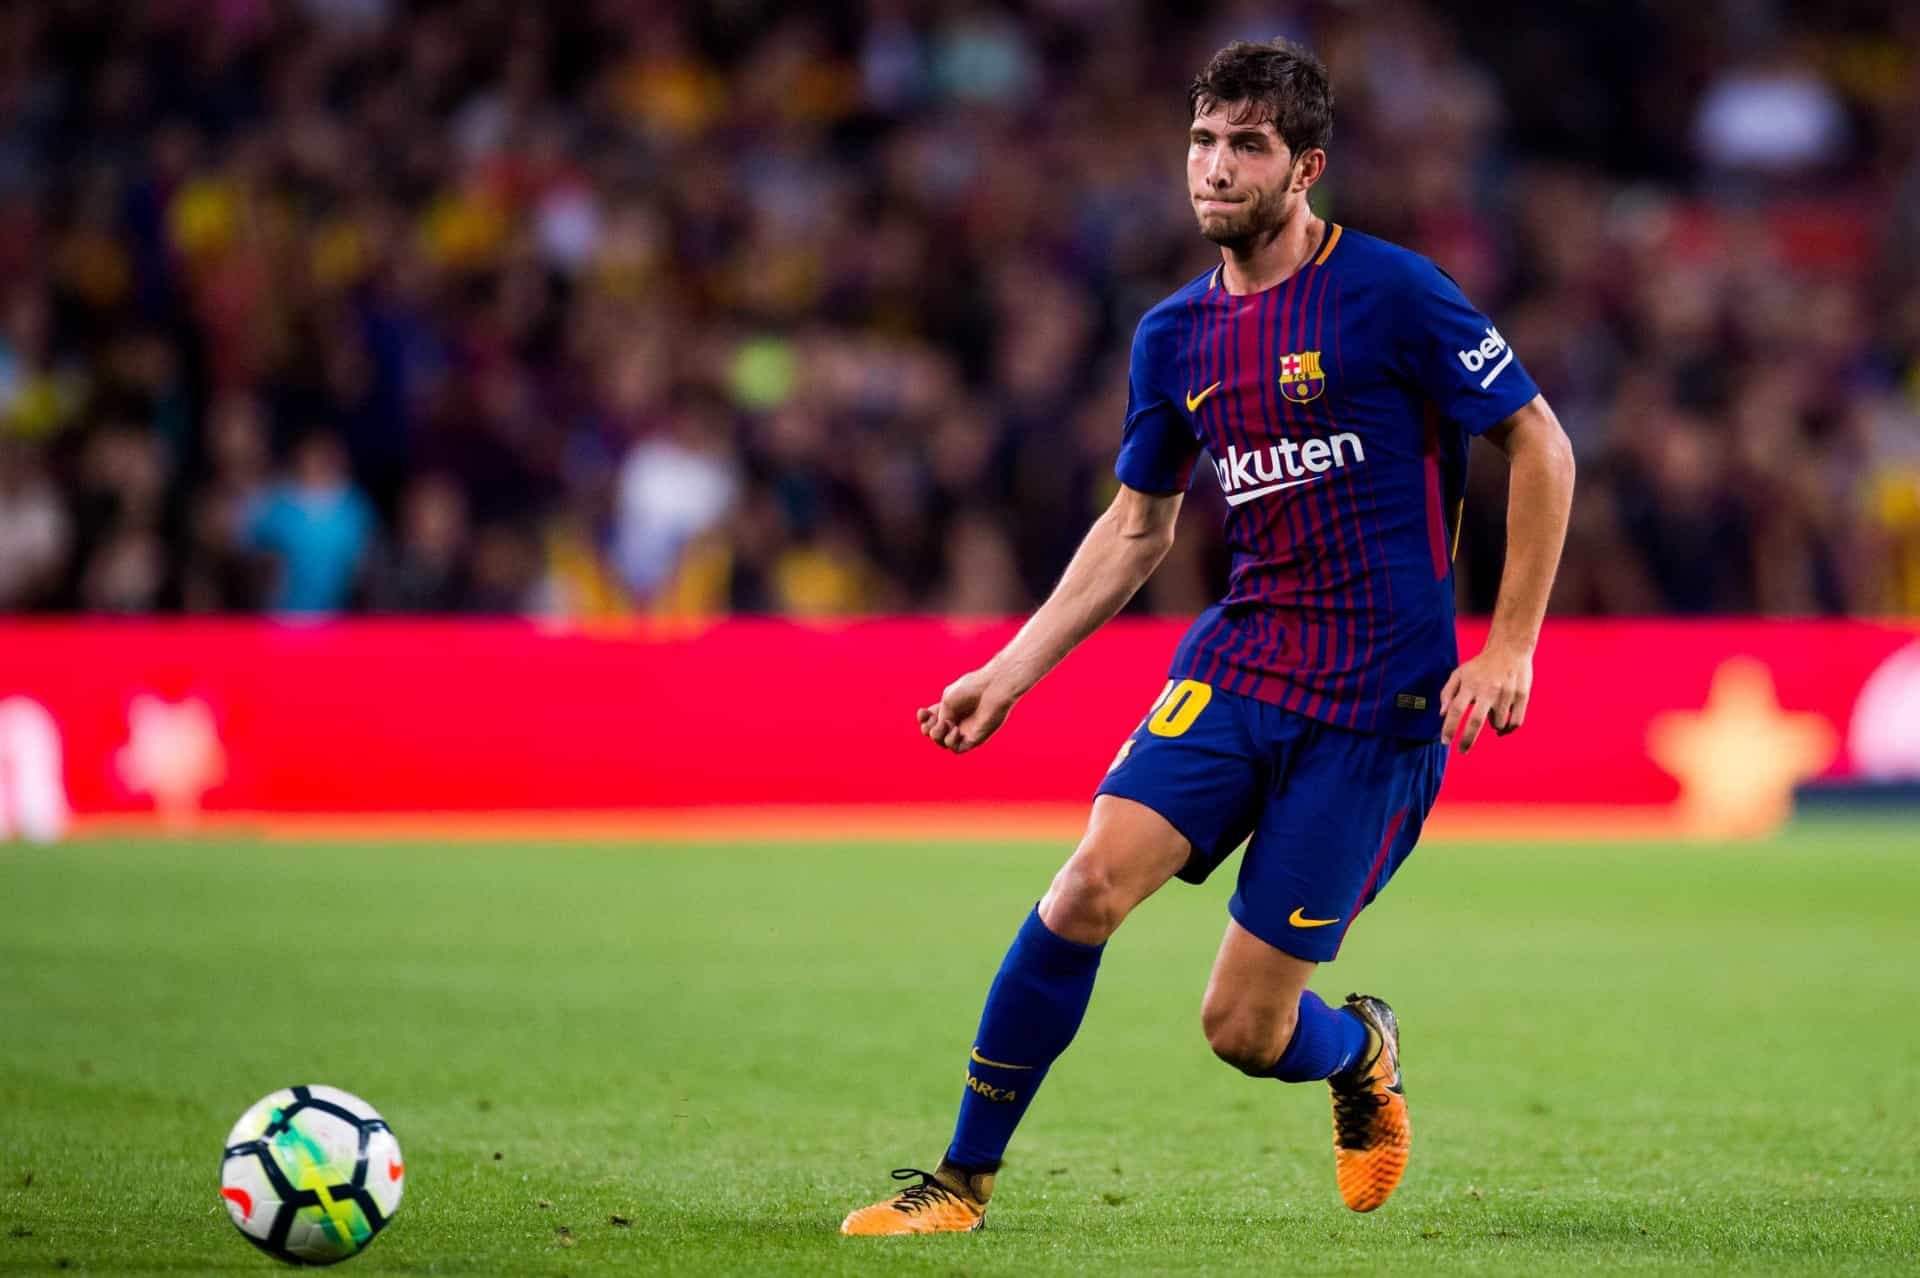 Seleção espanhola: O onze de craques que ficam fora do Mundial'2018